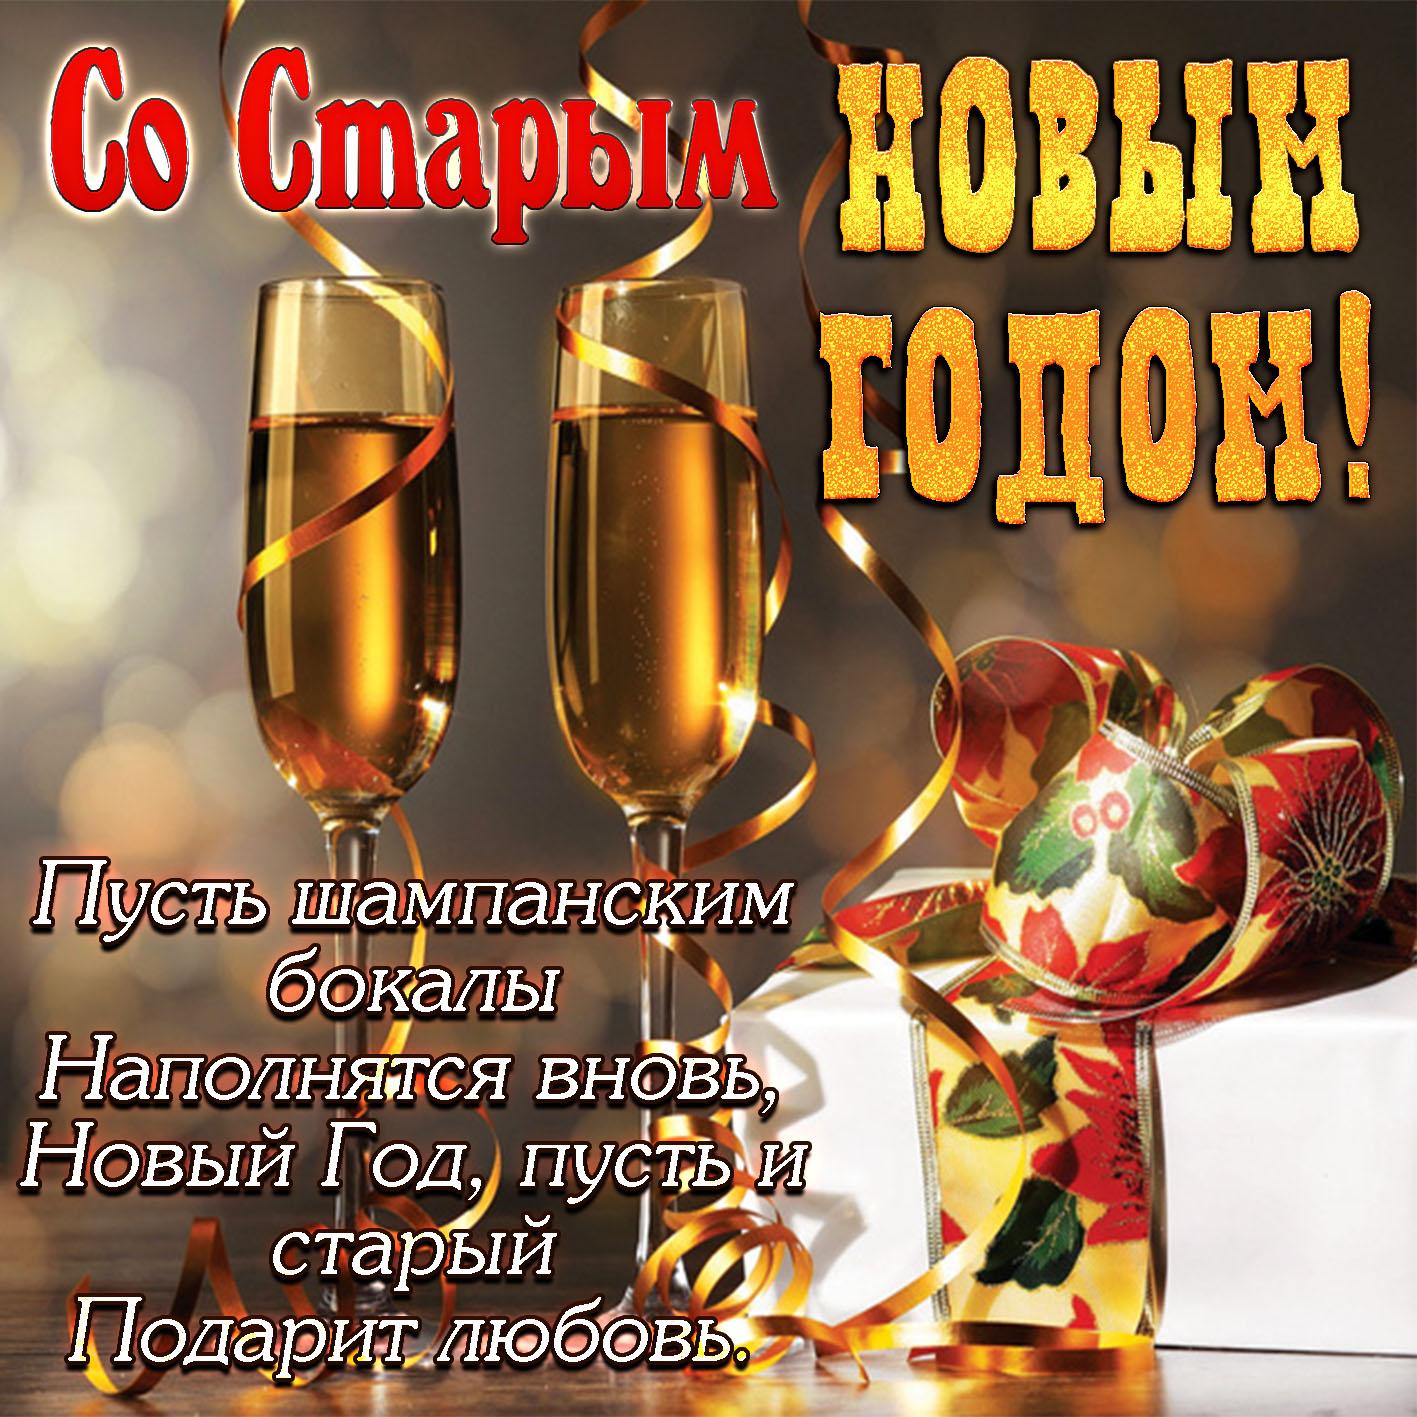 Картинка с бокалами к Старому Новому году